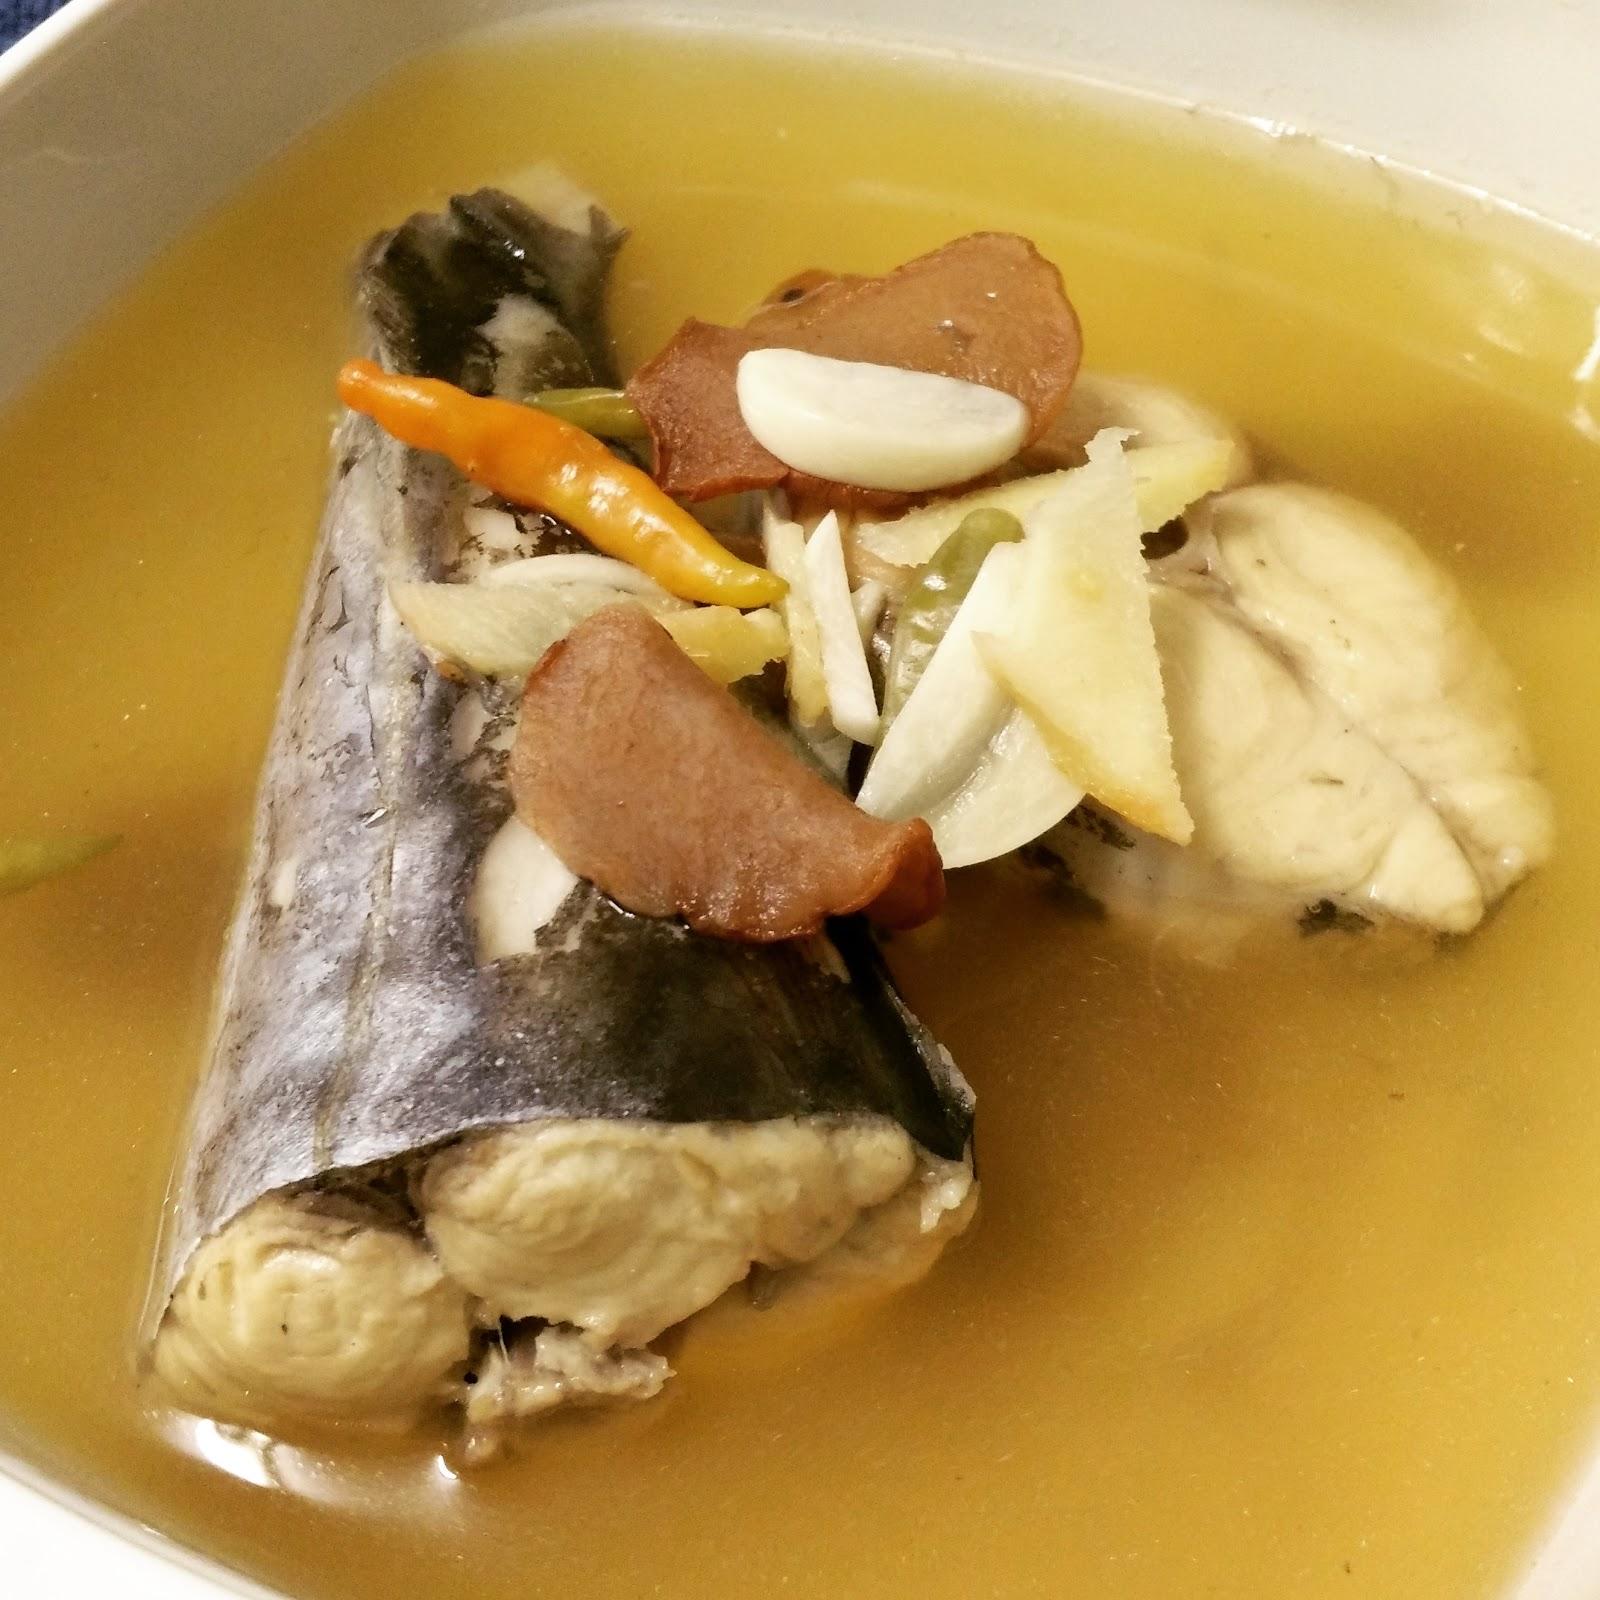 Lauk pantang ikan singgang